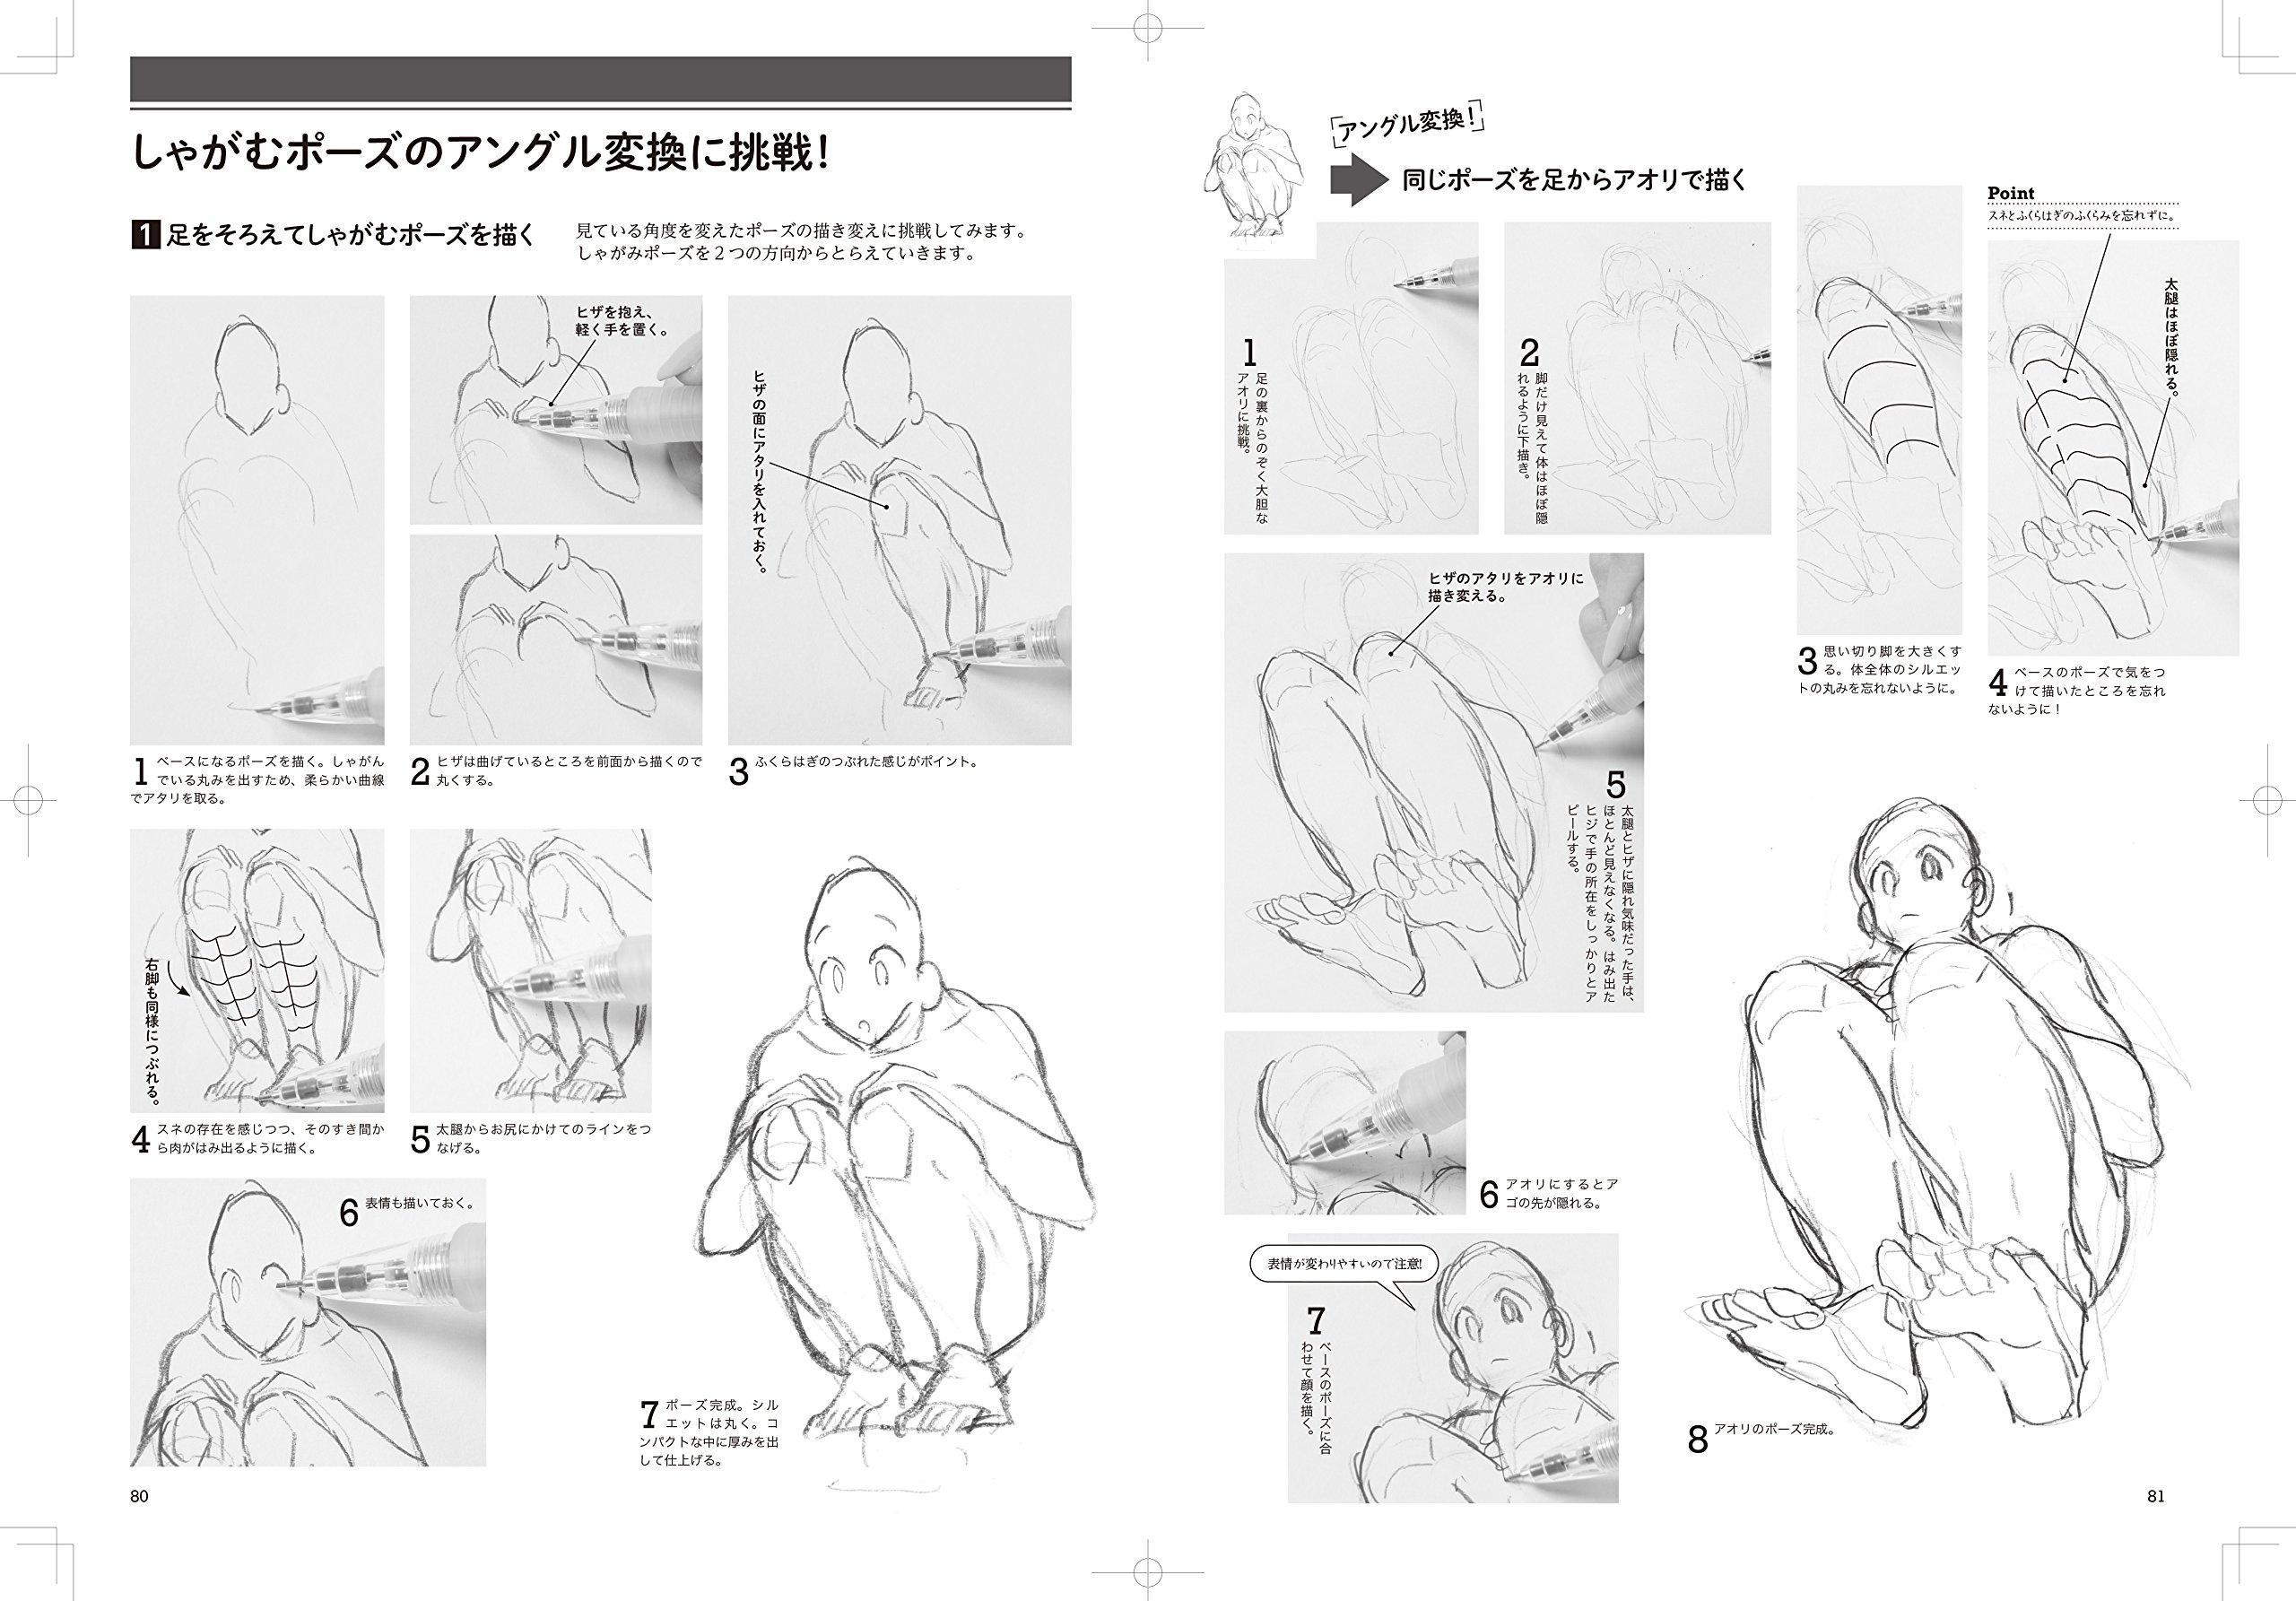 大胆なポーズの描き方 基本の動きさまざまな動作 とアングル迫力ある